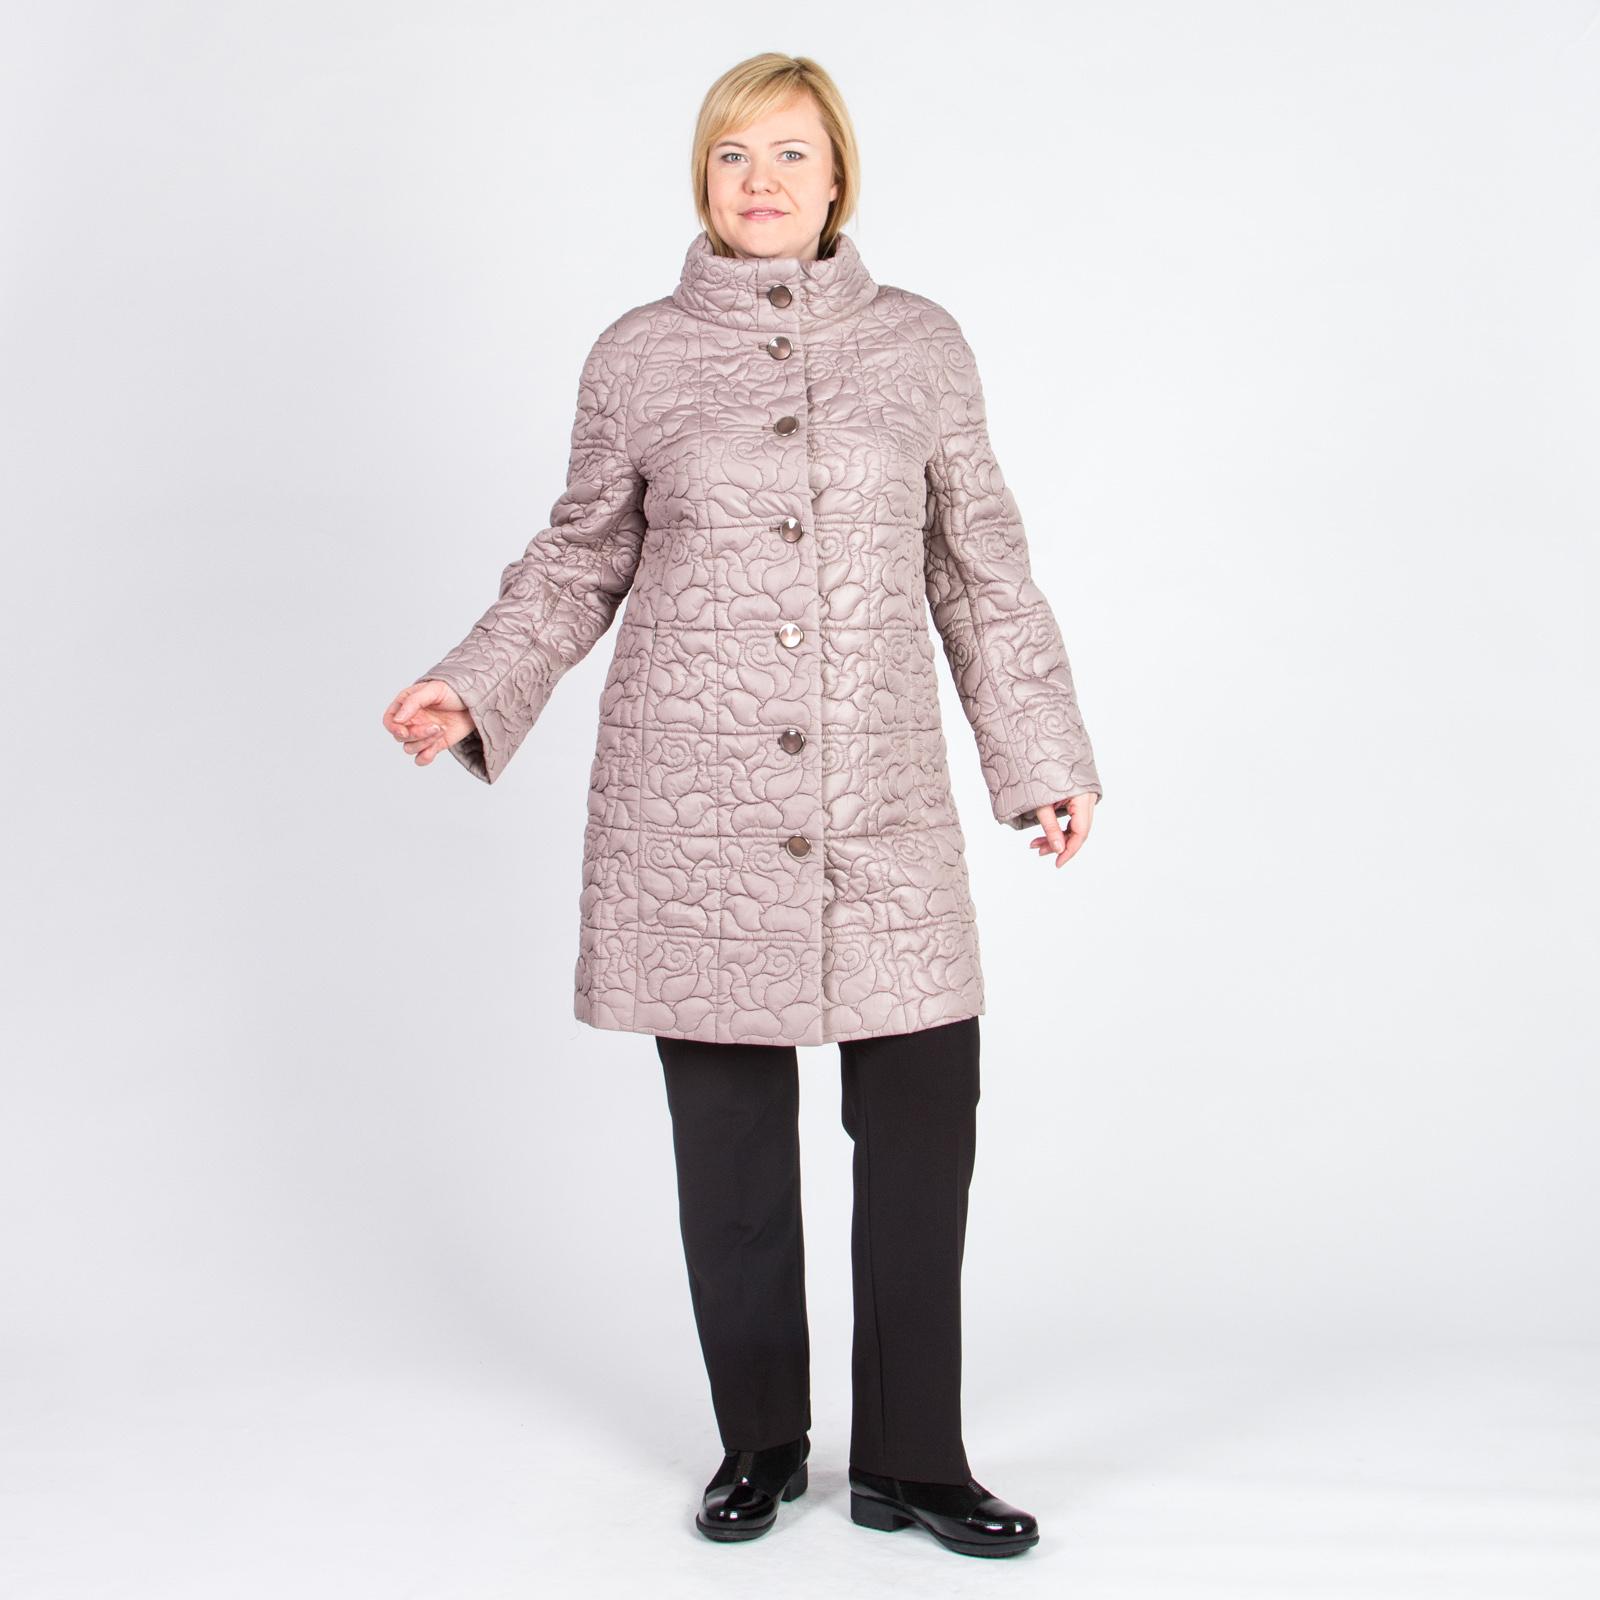 Пальто на пуговицах со стеганым узором